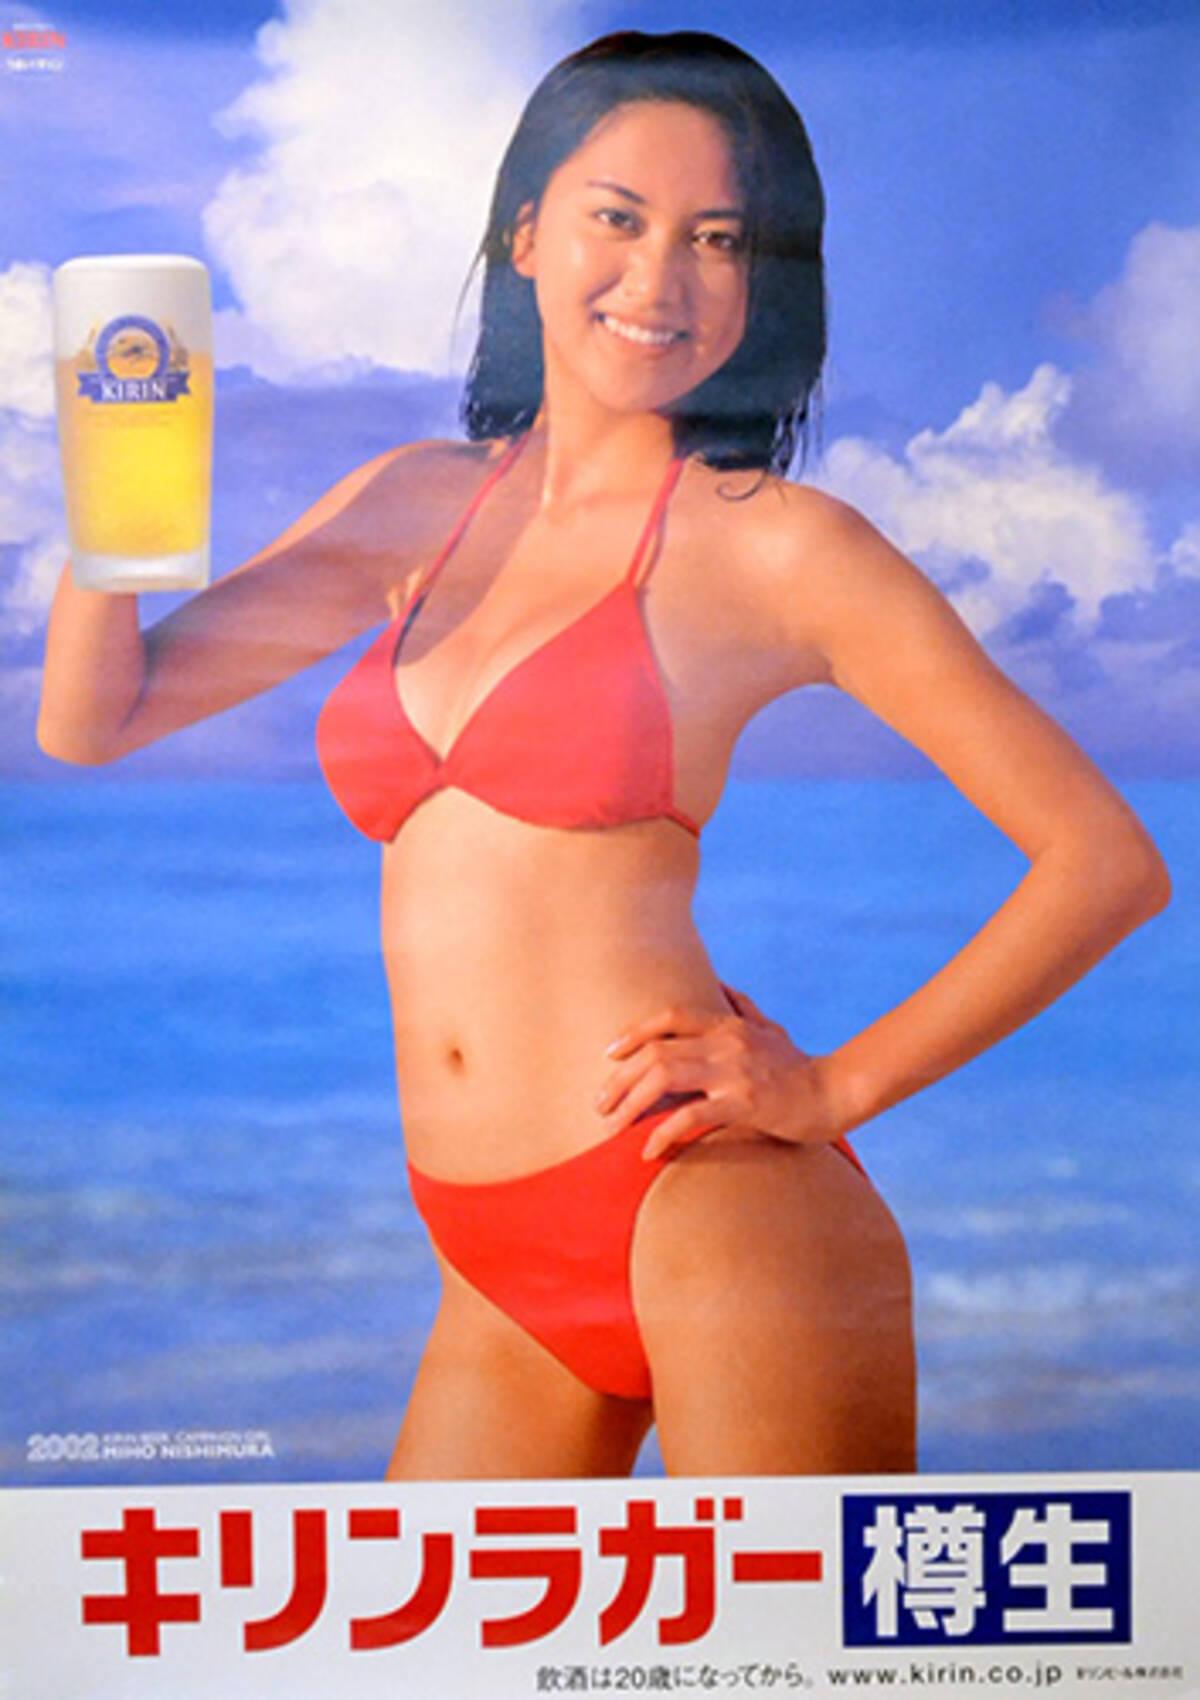 なぜ消えた ビールの 水着キャンペーンガール たち 17年9月3日 エキサイトニュース